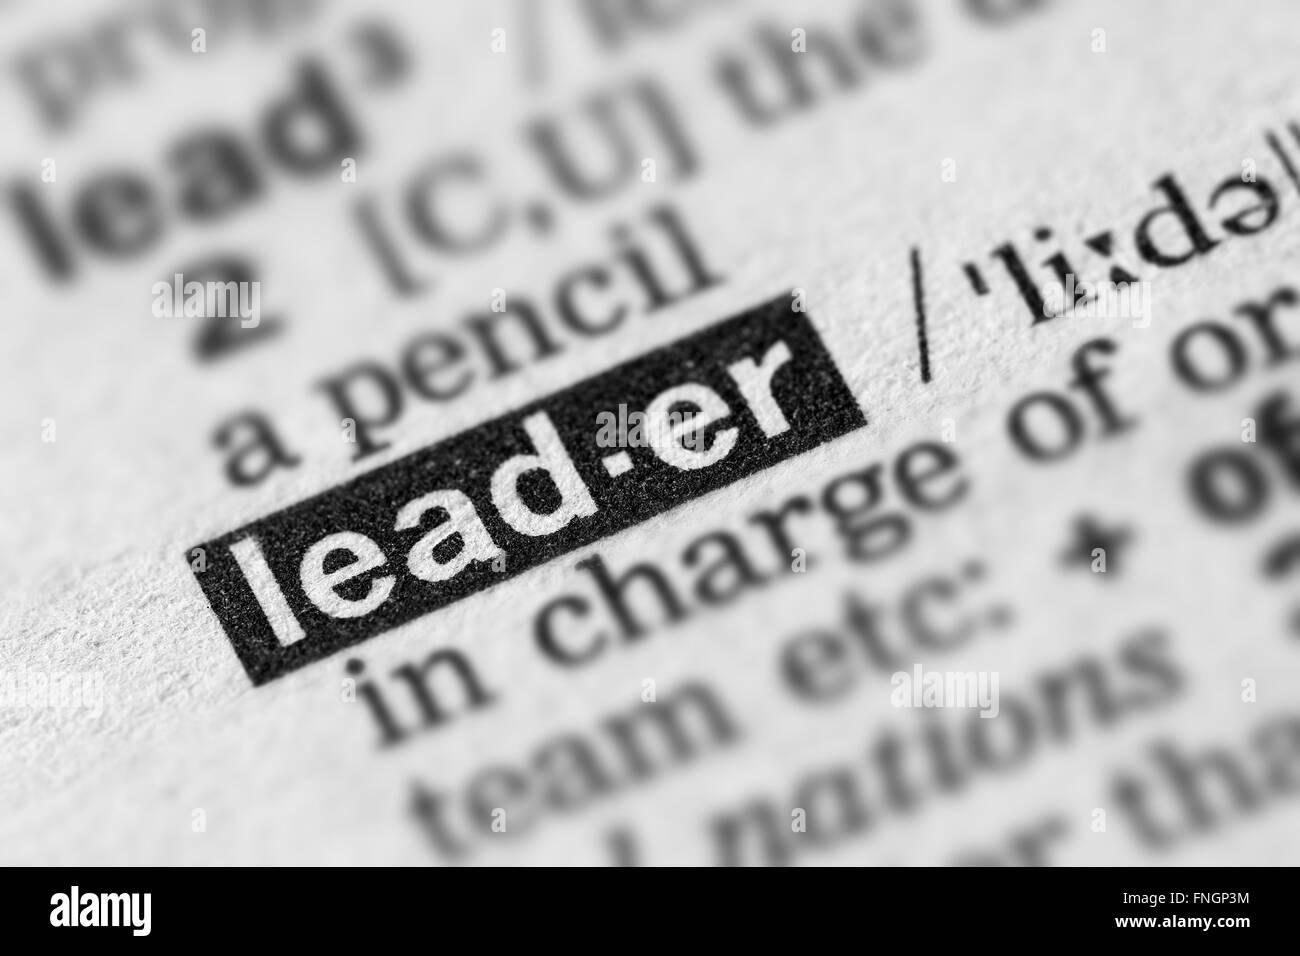 Definizione di Leader Word testo nella pagina del dizionario Immagini Stock